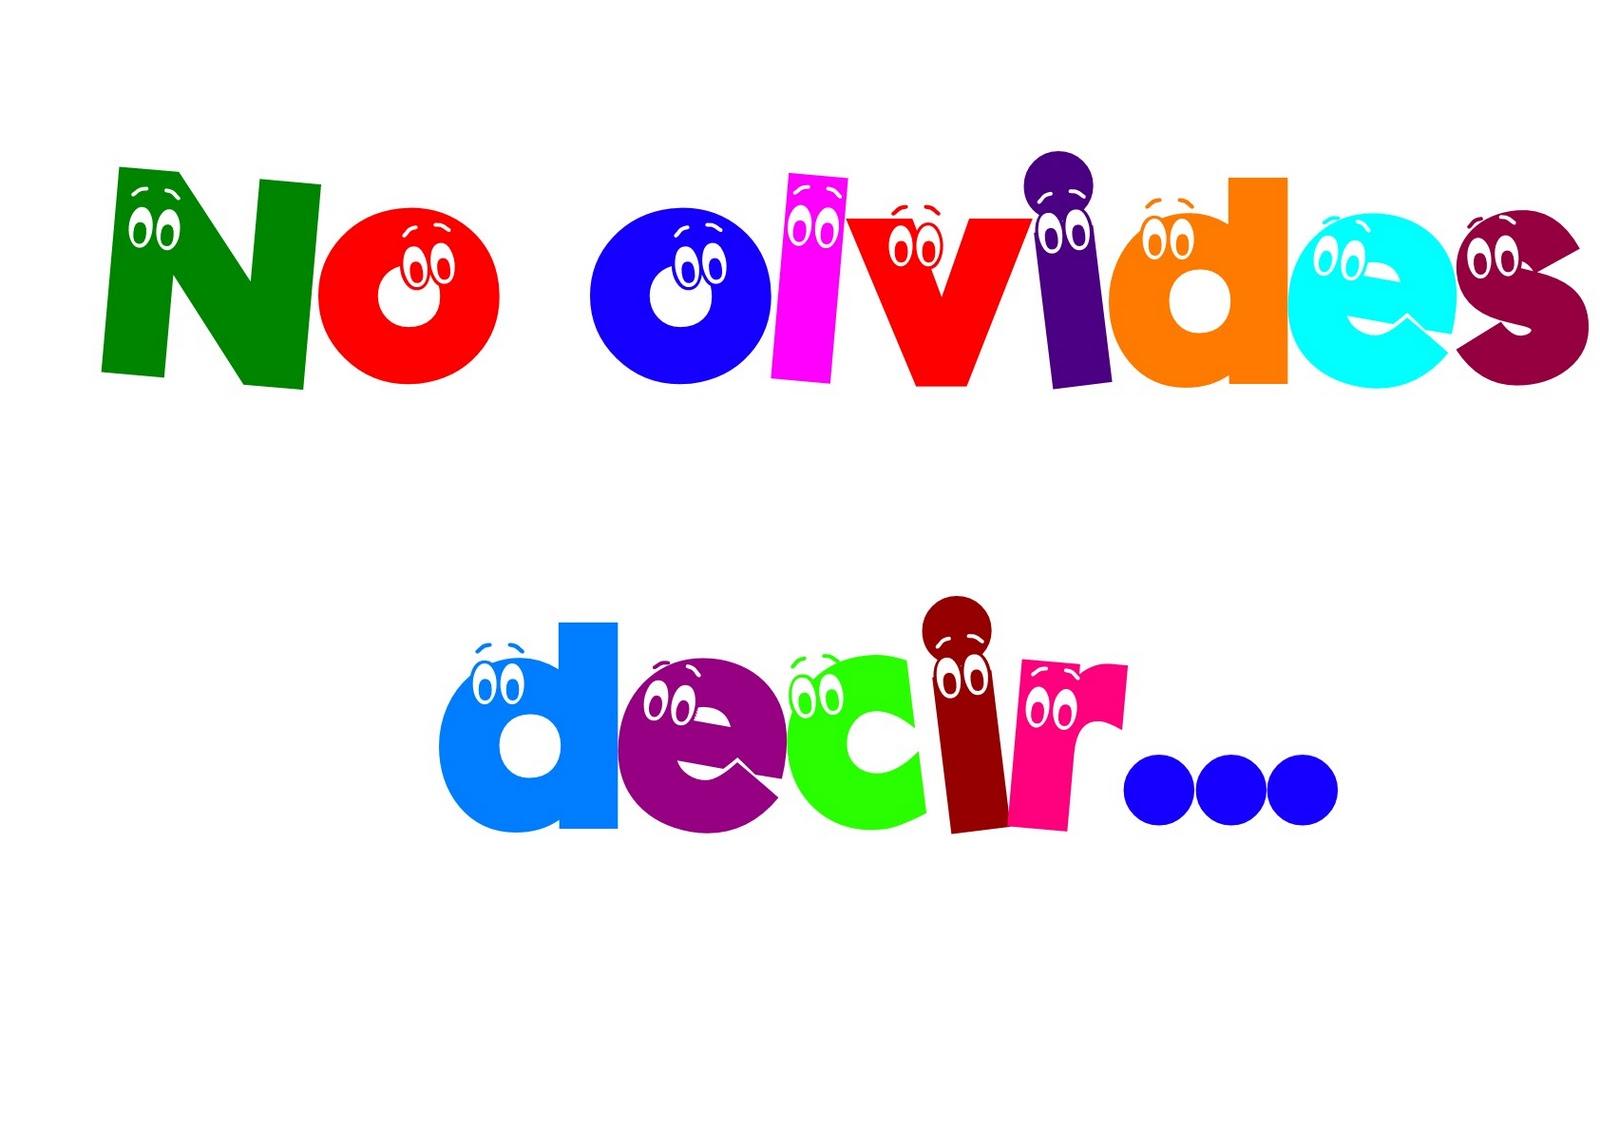 definicion de educacion preescolar: